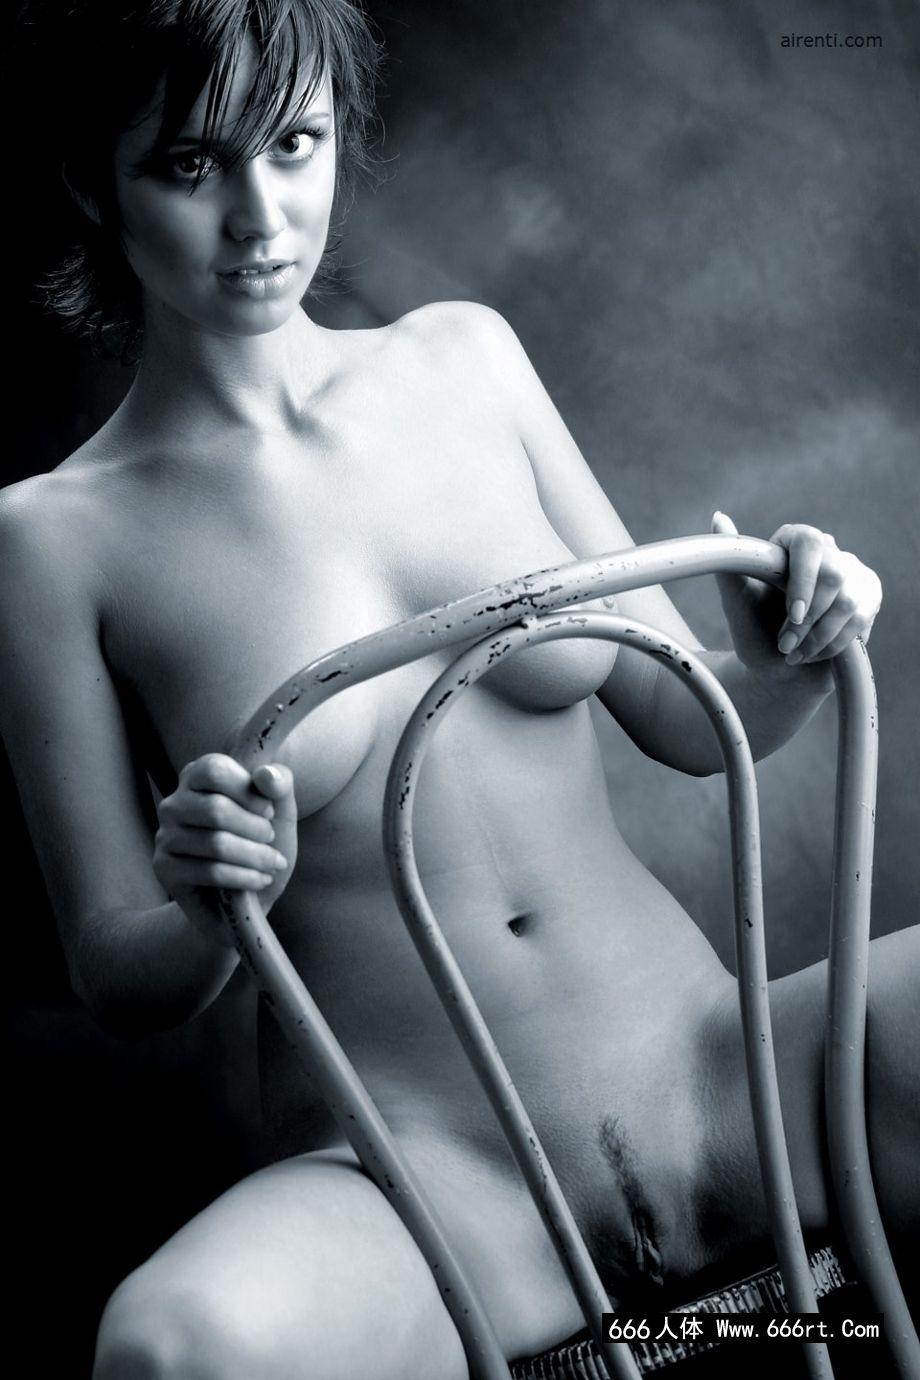 大师级图片师为金伯利拍摄的人体摄影